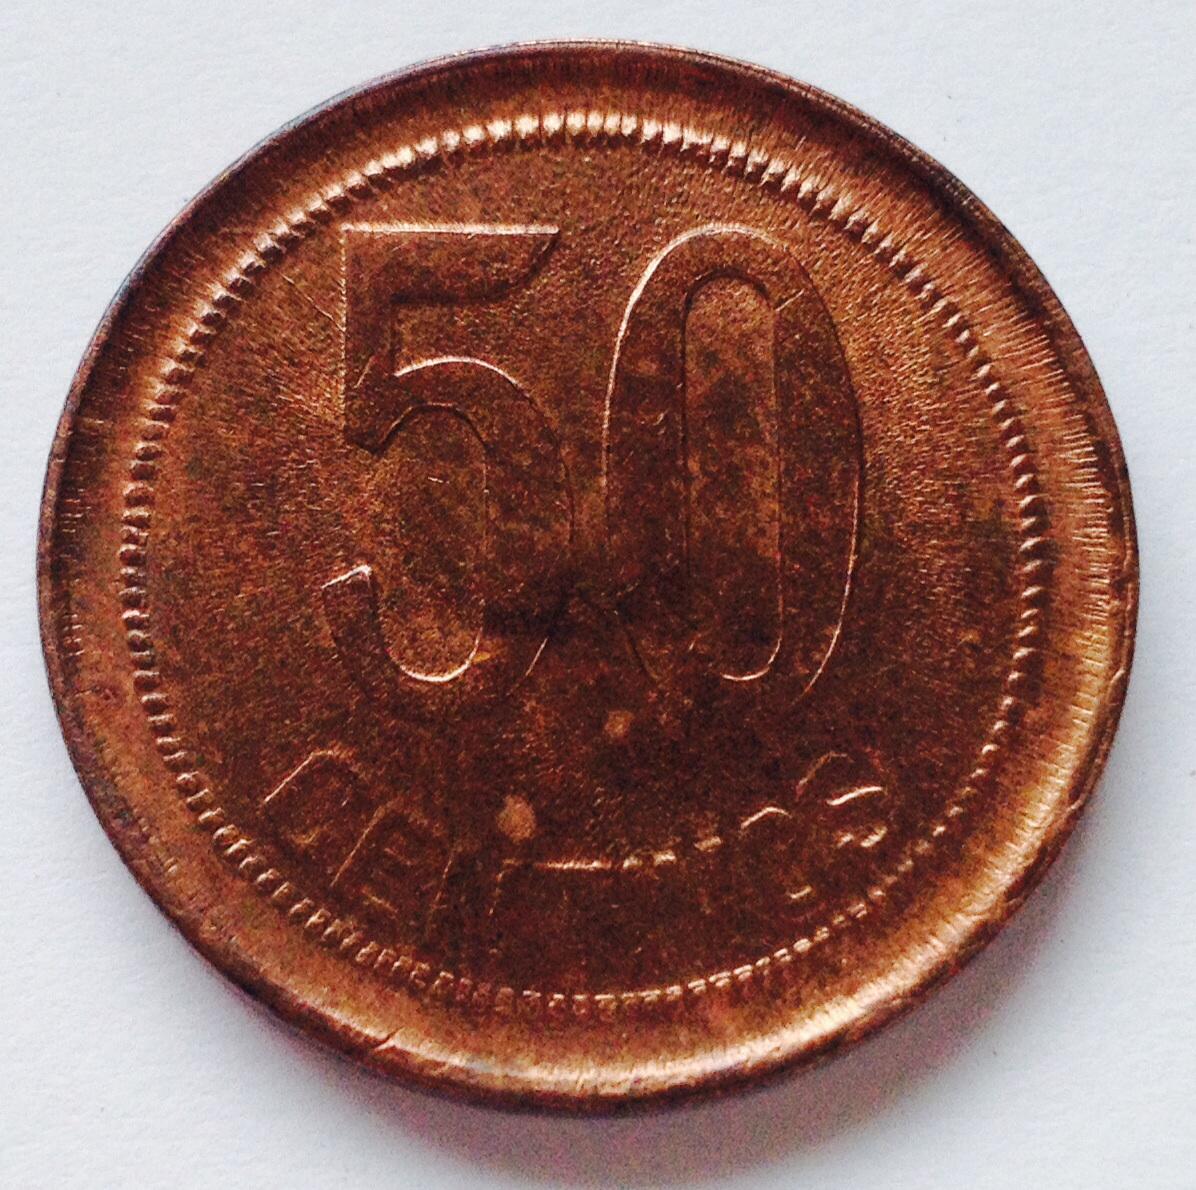 1937 - 50 céntimos 1937 II República Image